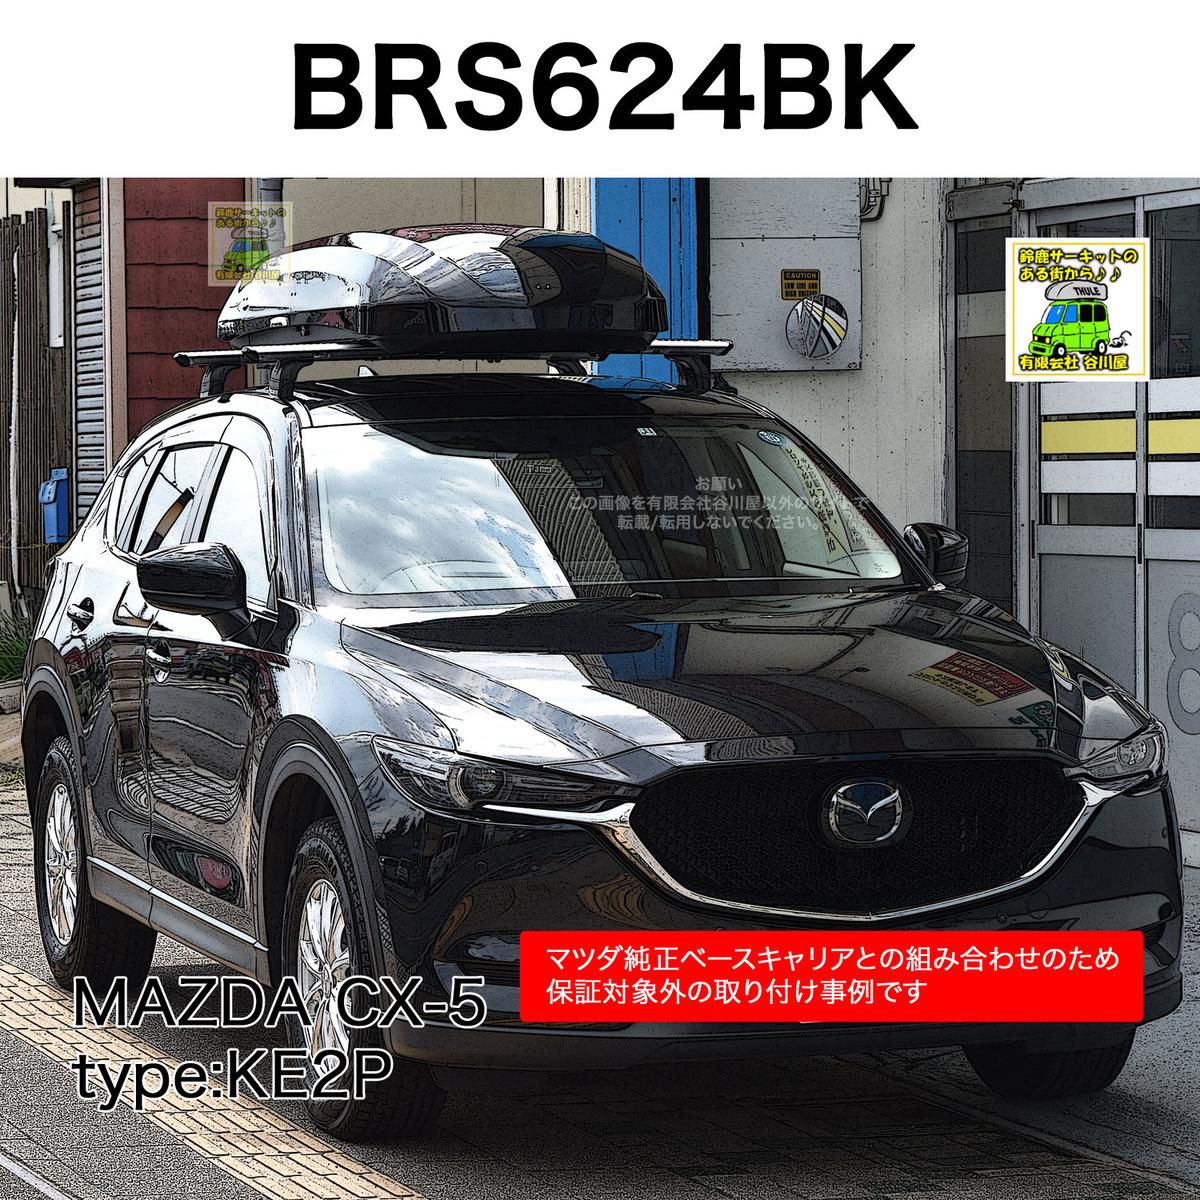 f:id:suzuka-mieken:20190320121221j:plain